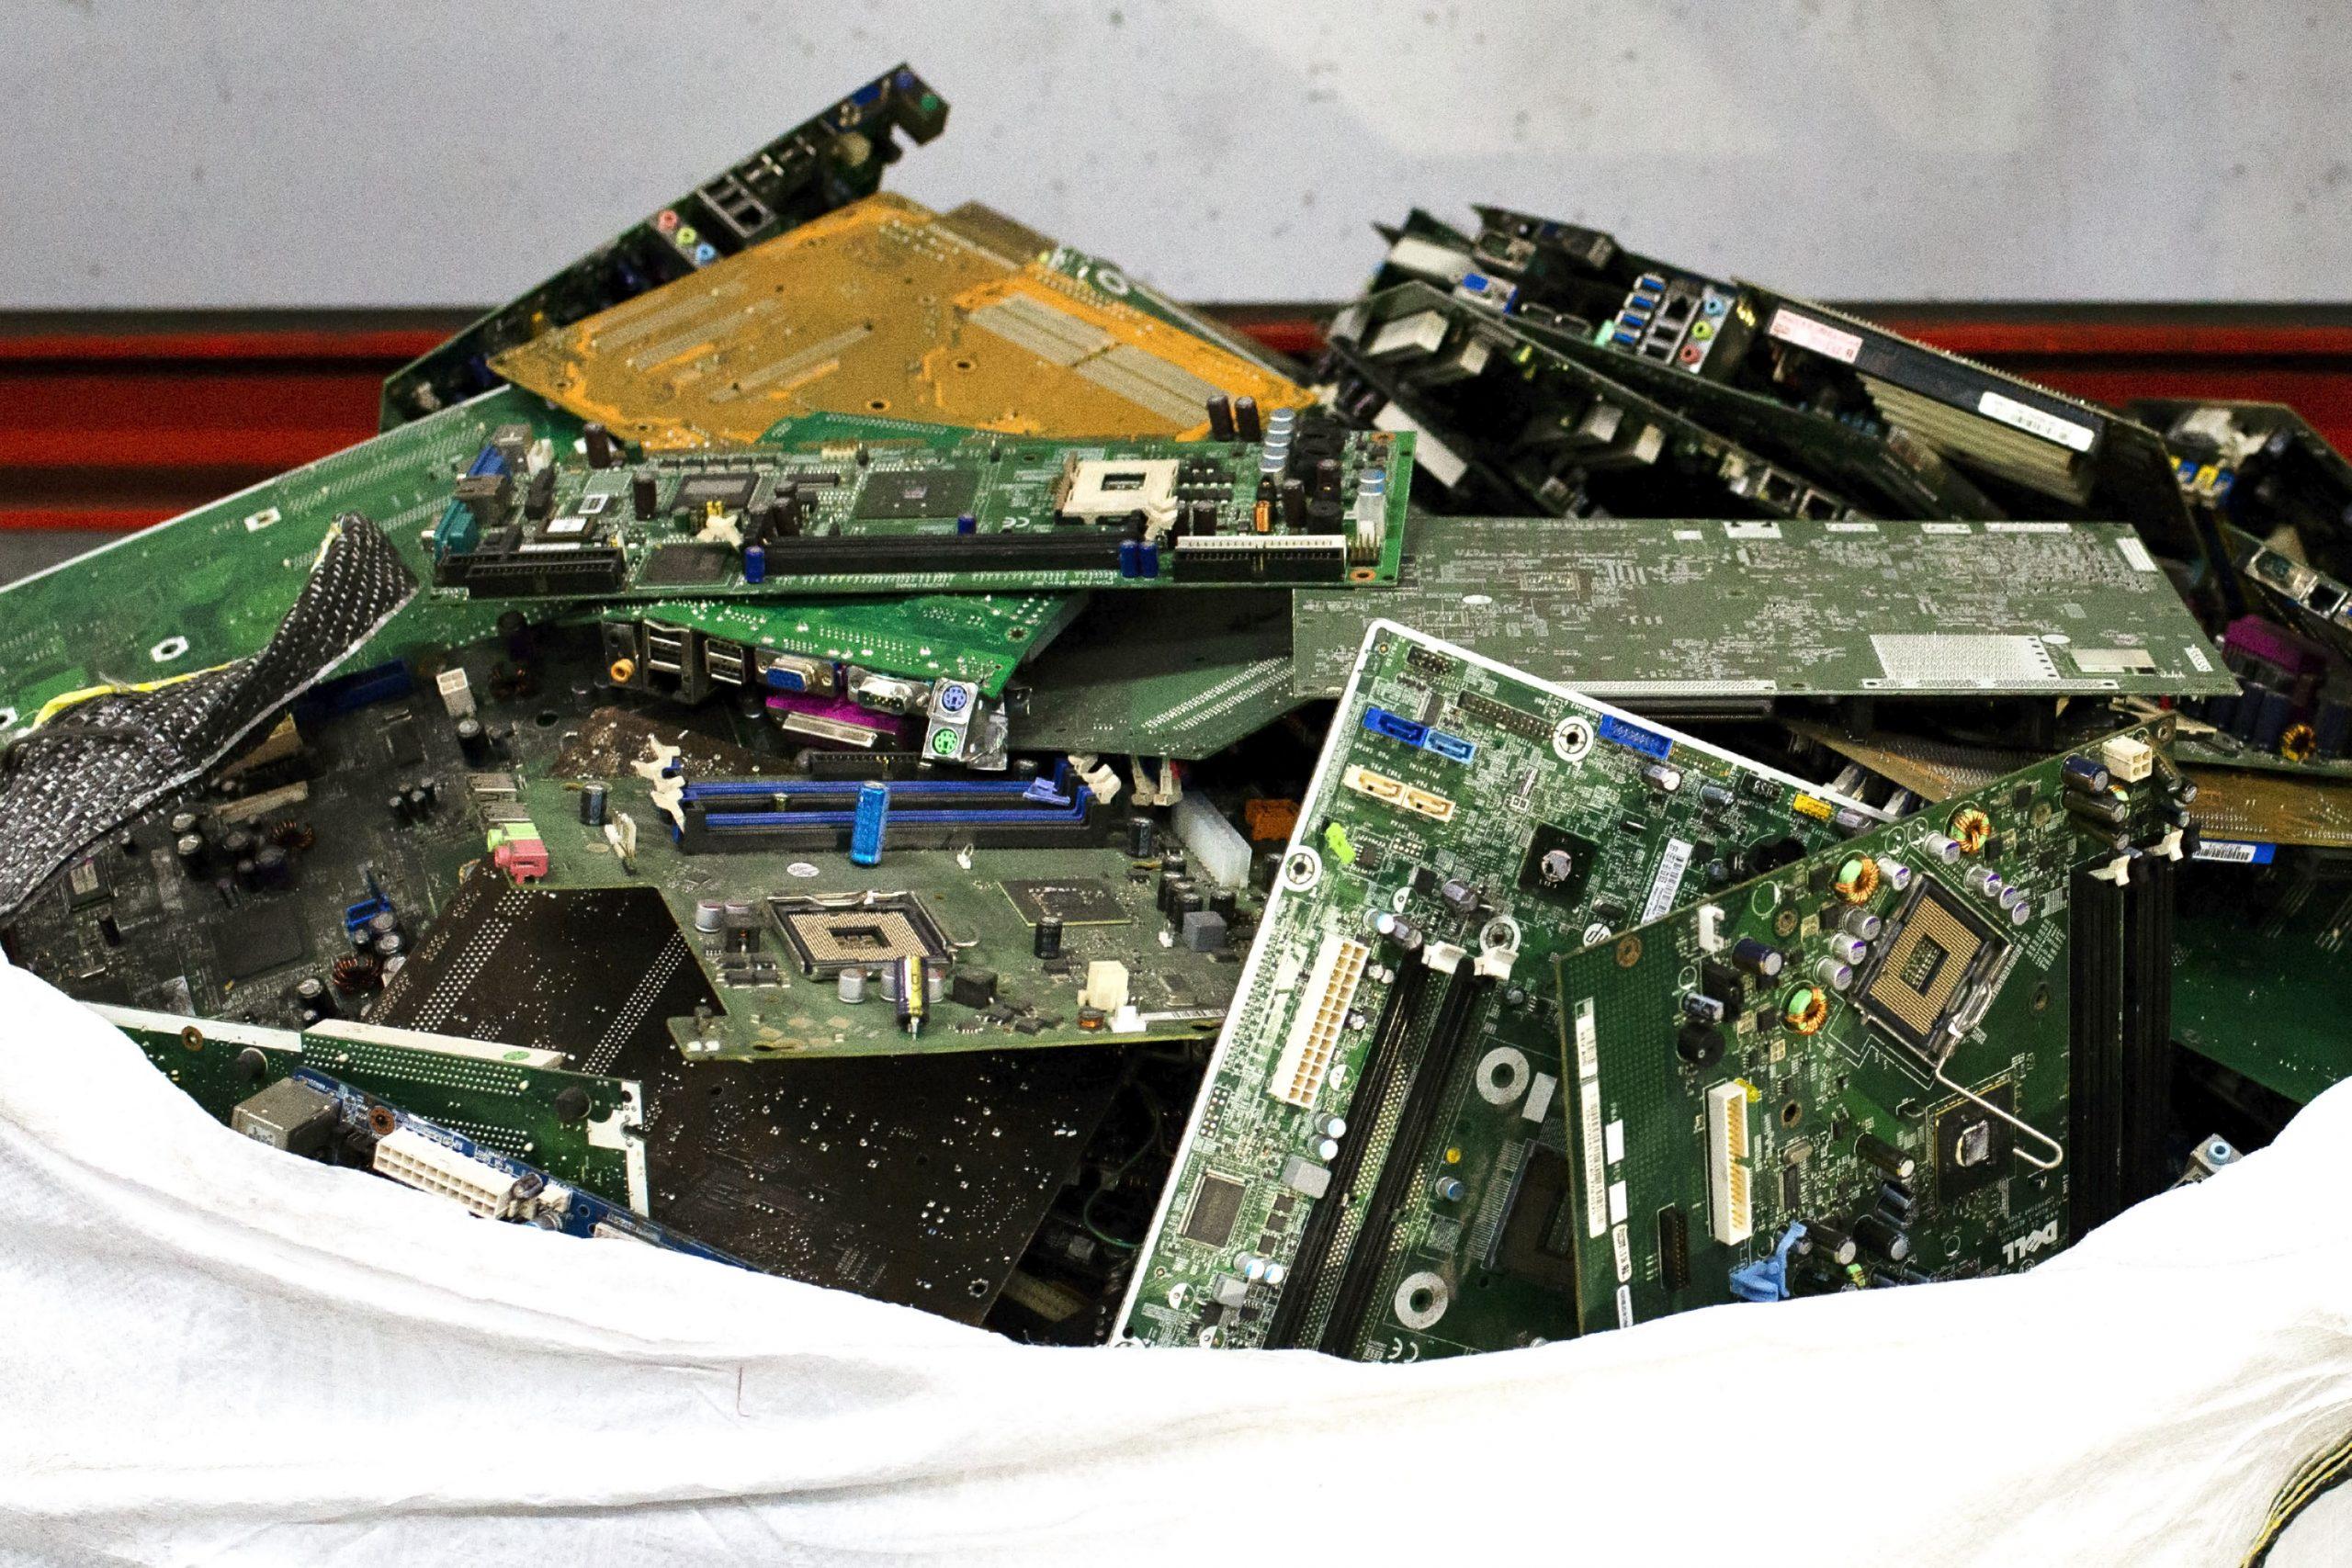 reciclaje de ordenadores y material informático. Se muestras componentes de los ordenaodres como laca base.